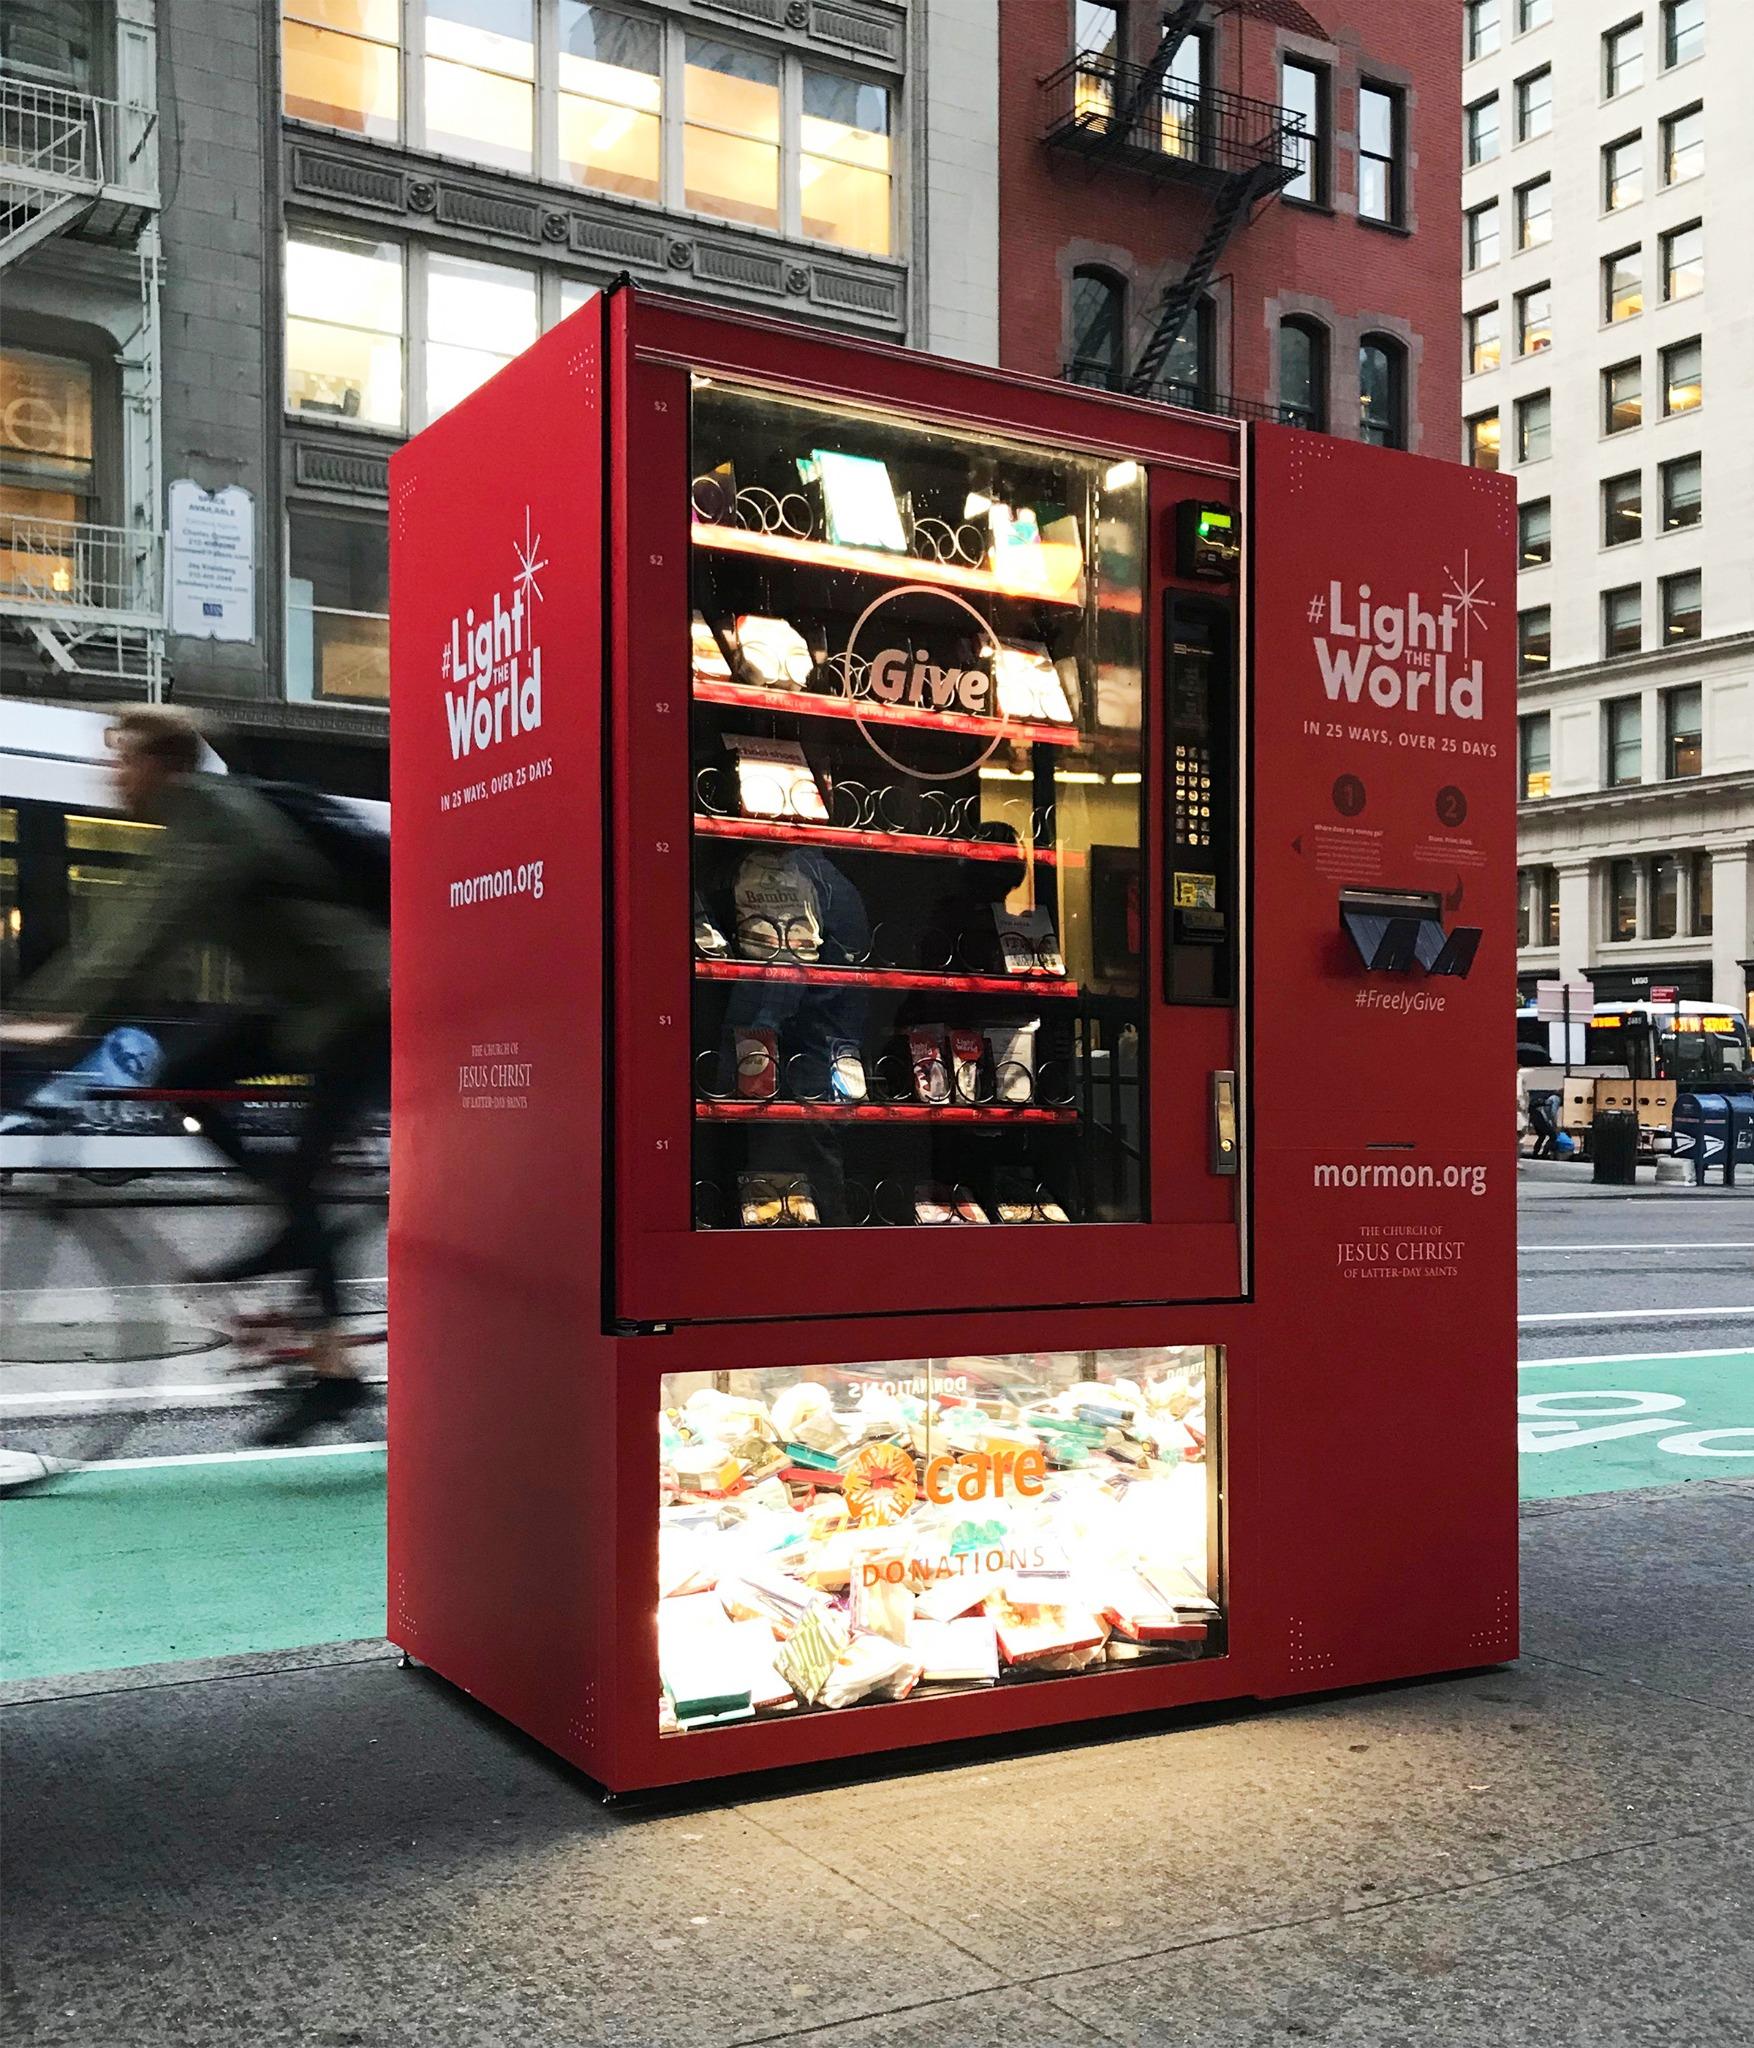 Uma máquina de doação é colocada em uma rua da cidade de Nova York. A máquina é uma maneira de fazer doações aos necessitados durante a época de Natal.